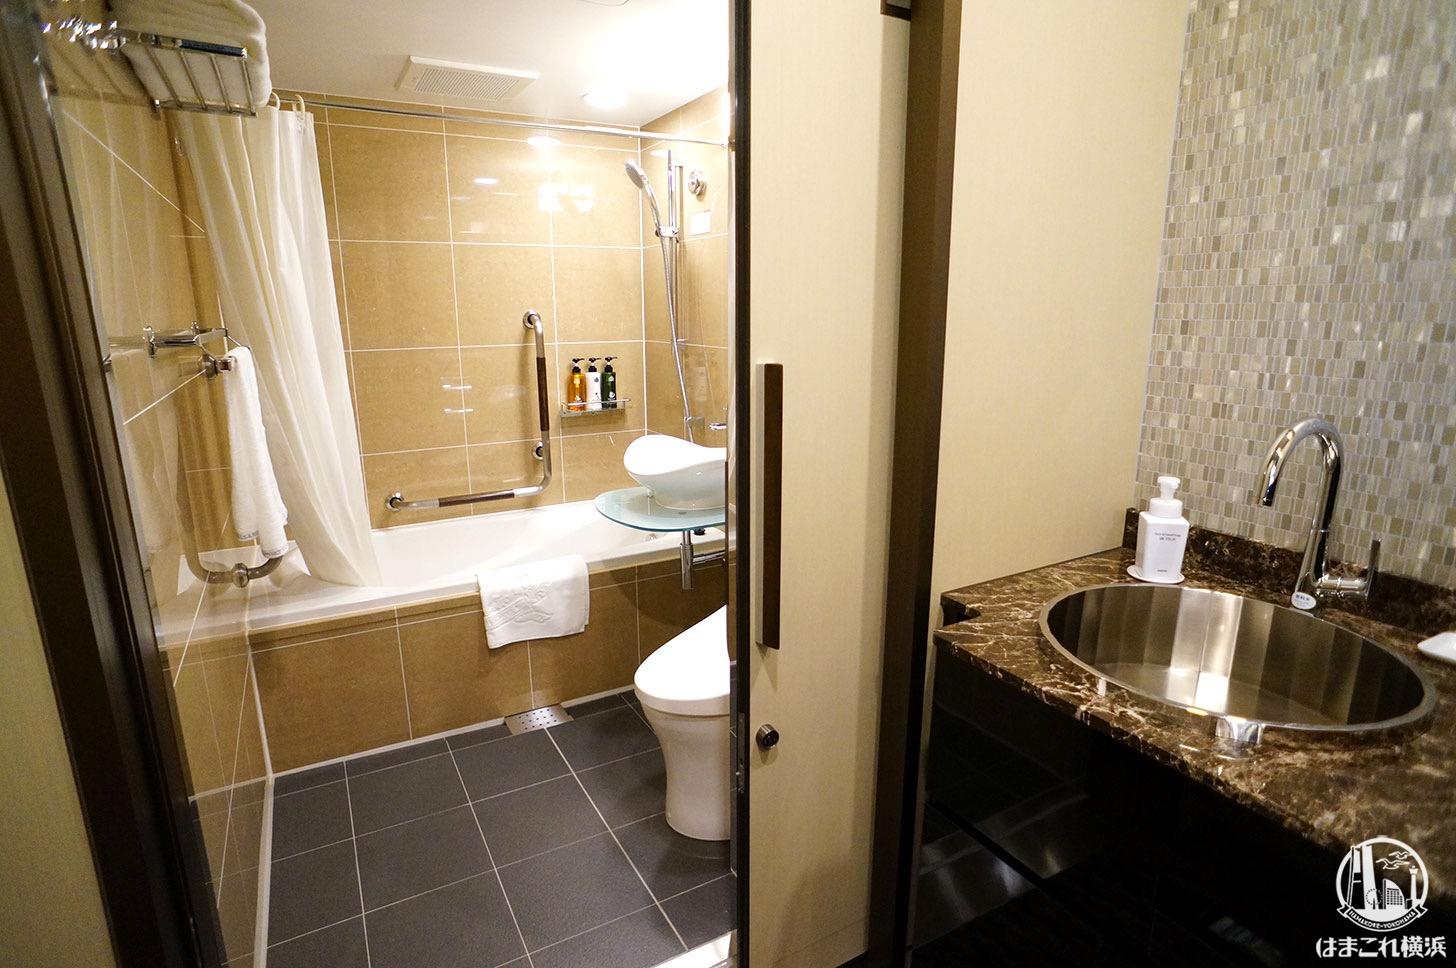 アパホテル&リゾート 横浜ベイタワー「インペリアルスイート」お風呂